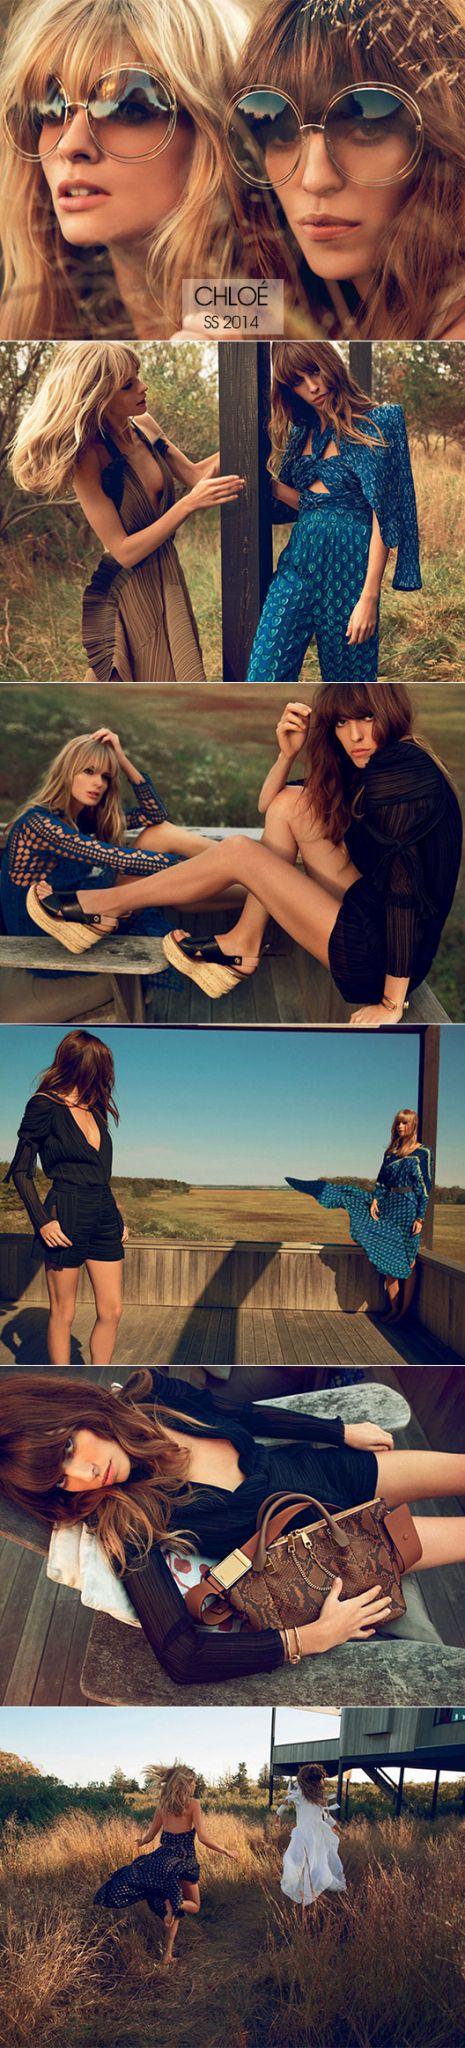 Achados da Bia | Moda | Campanha | Chloé